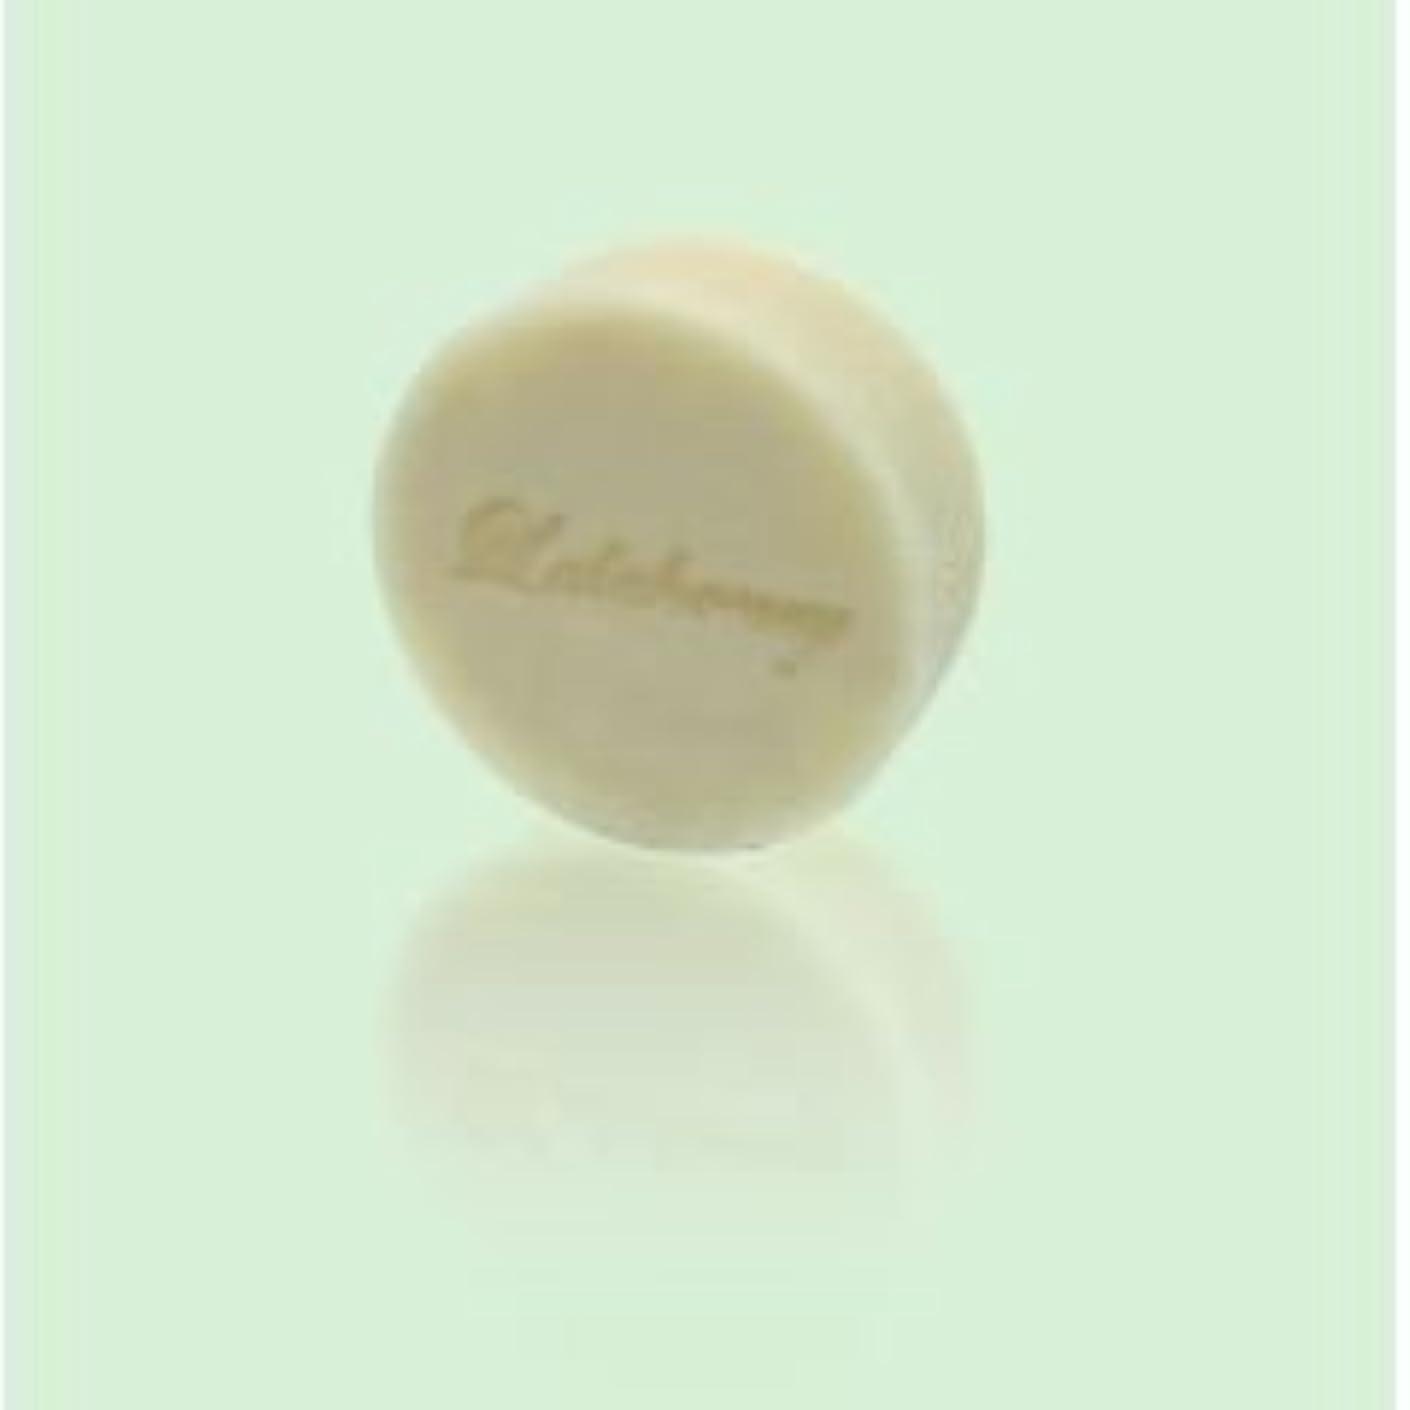 回転させる真珠のような放課後LALAHONEY 石鹸〈木の香り〉40g【手作りでシンプルなコールドプロセス製法】